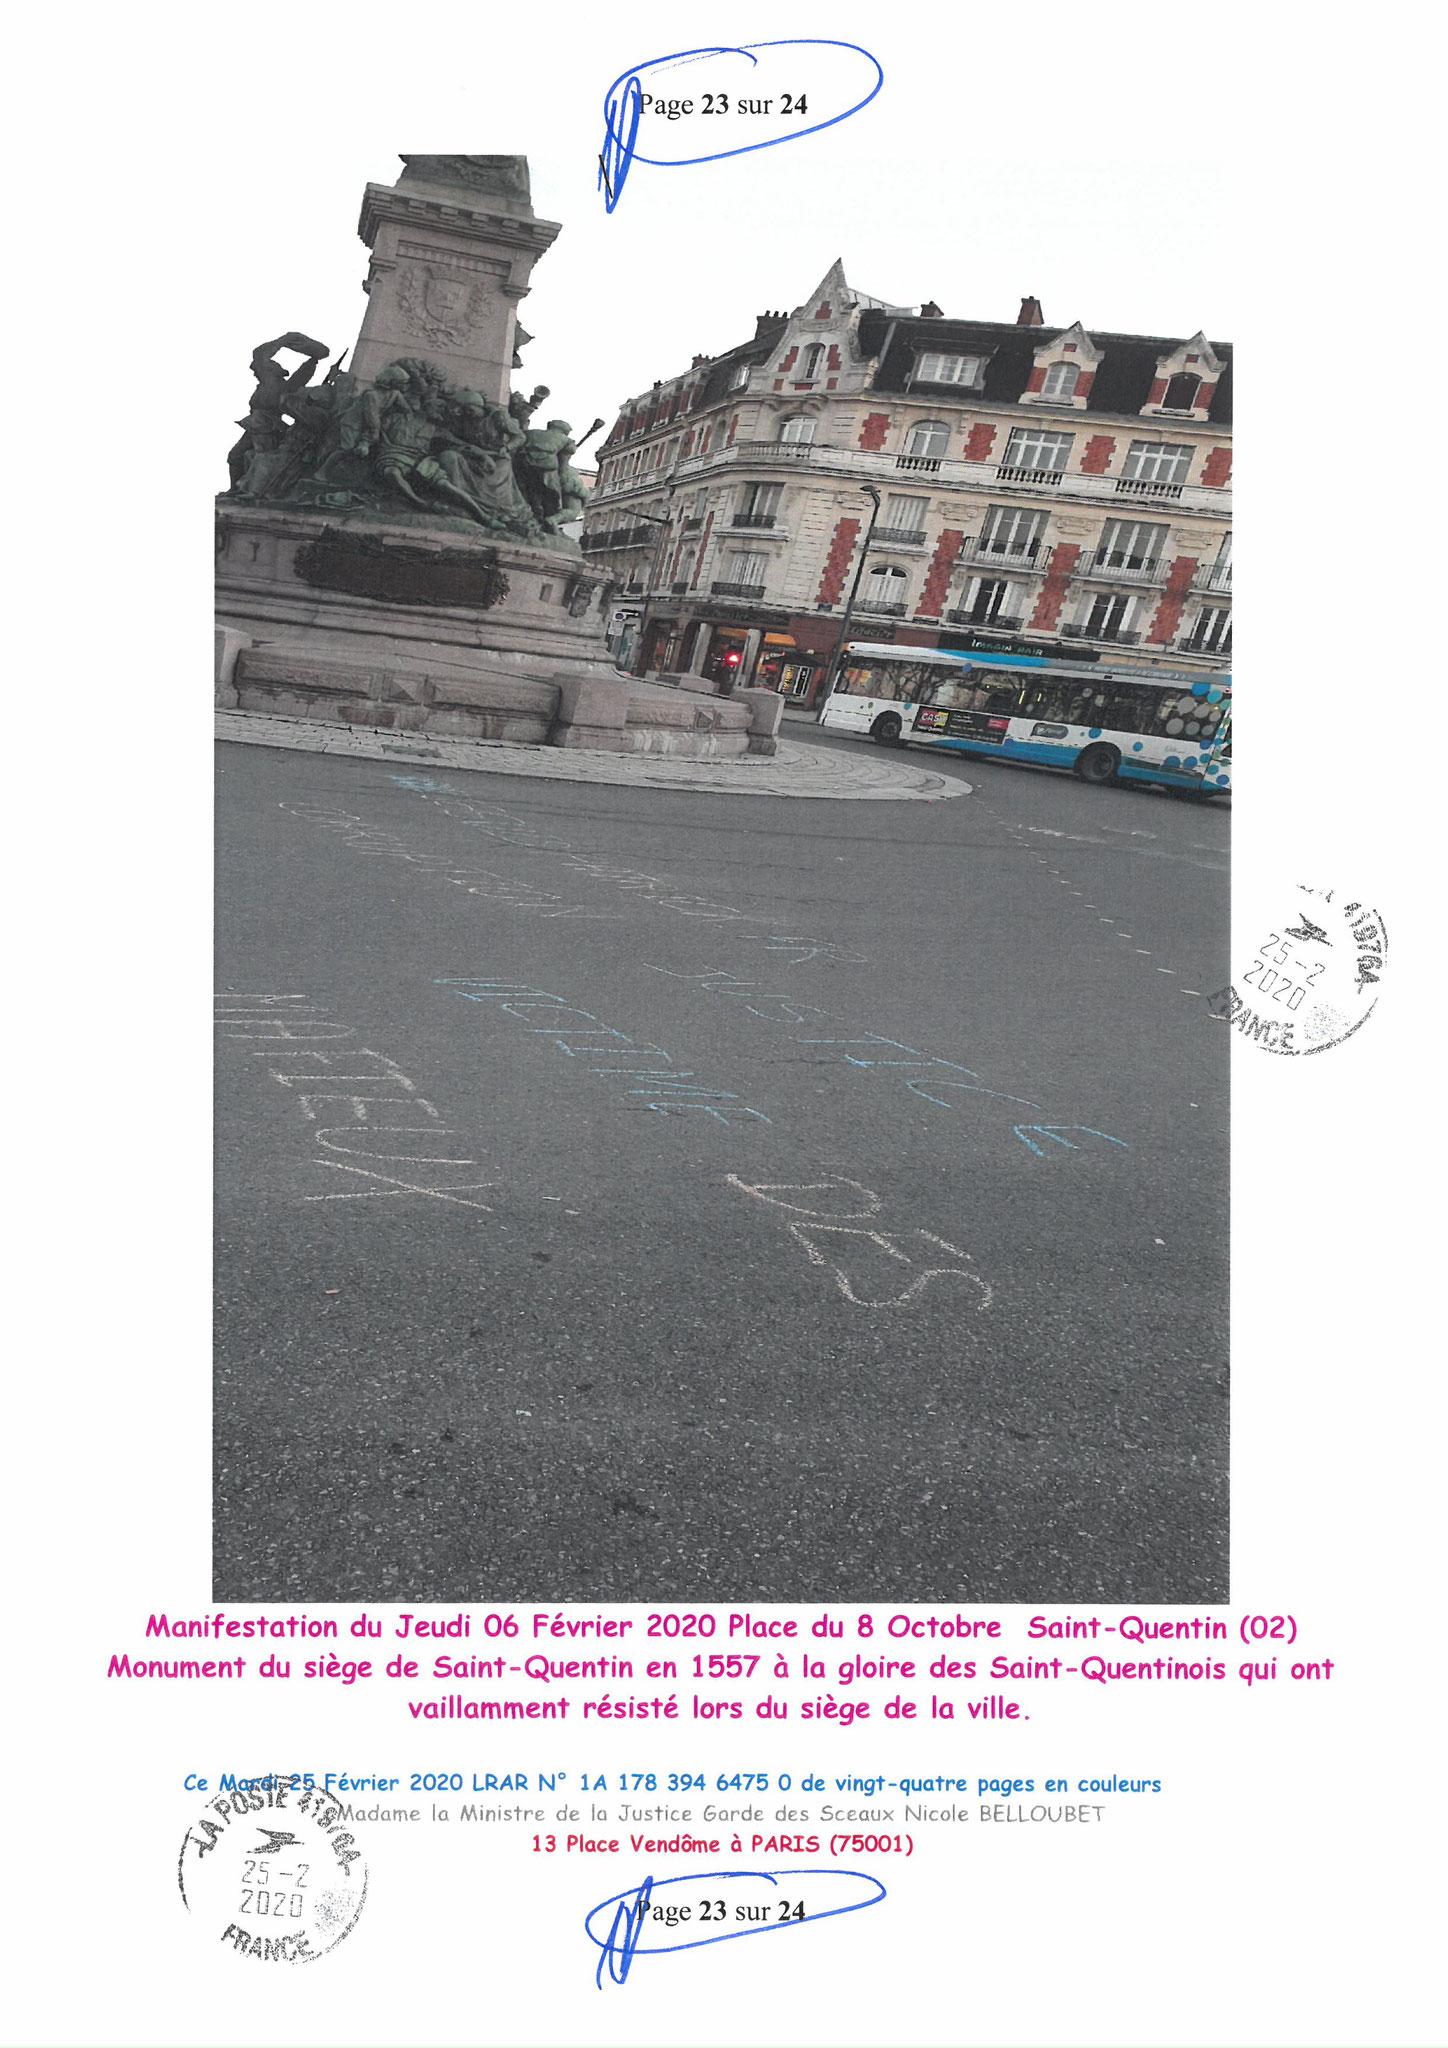 Ma LRAR à Madame Nicole BELLOUBET la Ministre de la Justice N0 1A 178 394 6475 0 Page 23 sur 24 en couleur  www.jesuispatrick.com www.jesuisvictime.fr www.alerte-rouge-france.fr